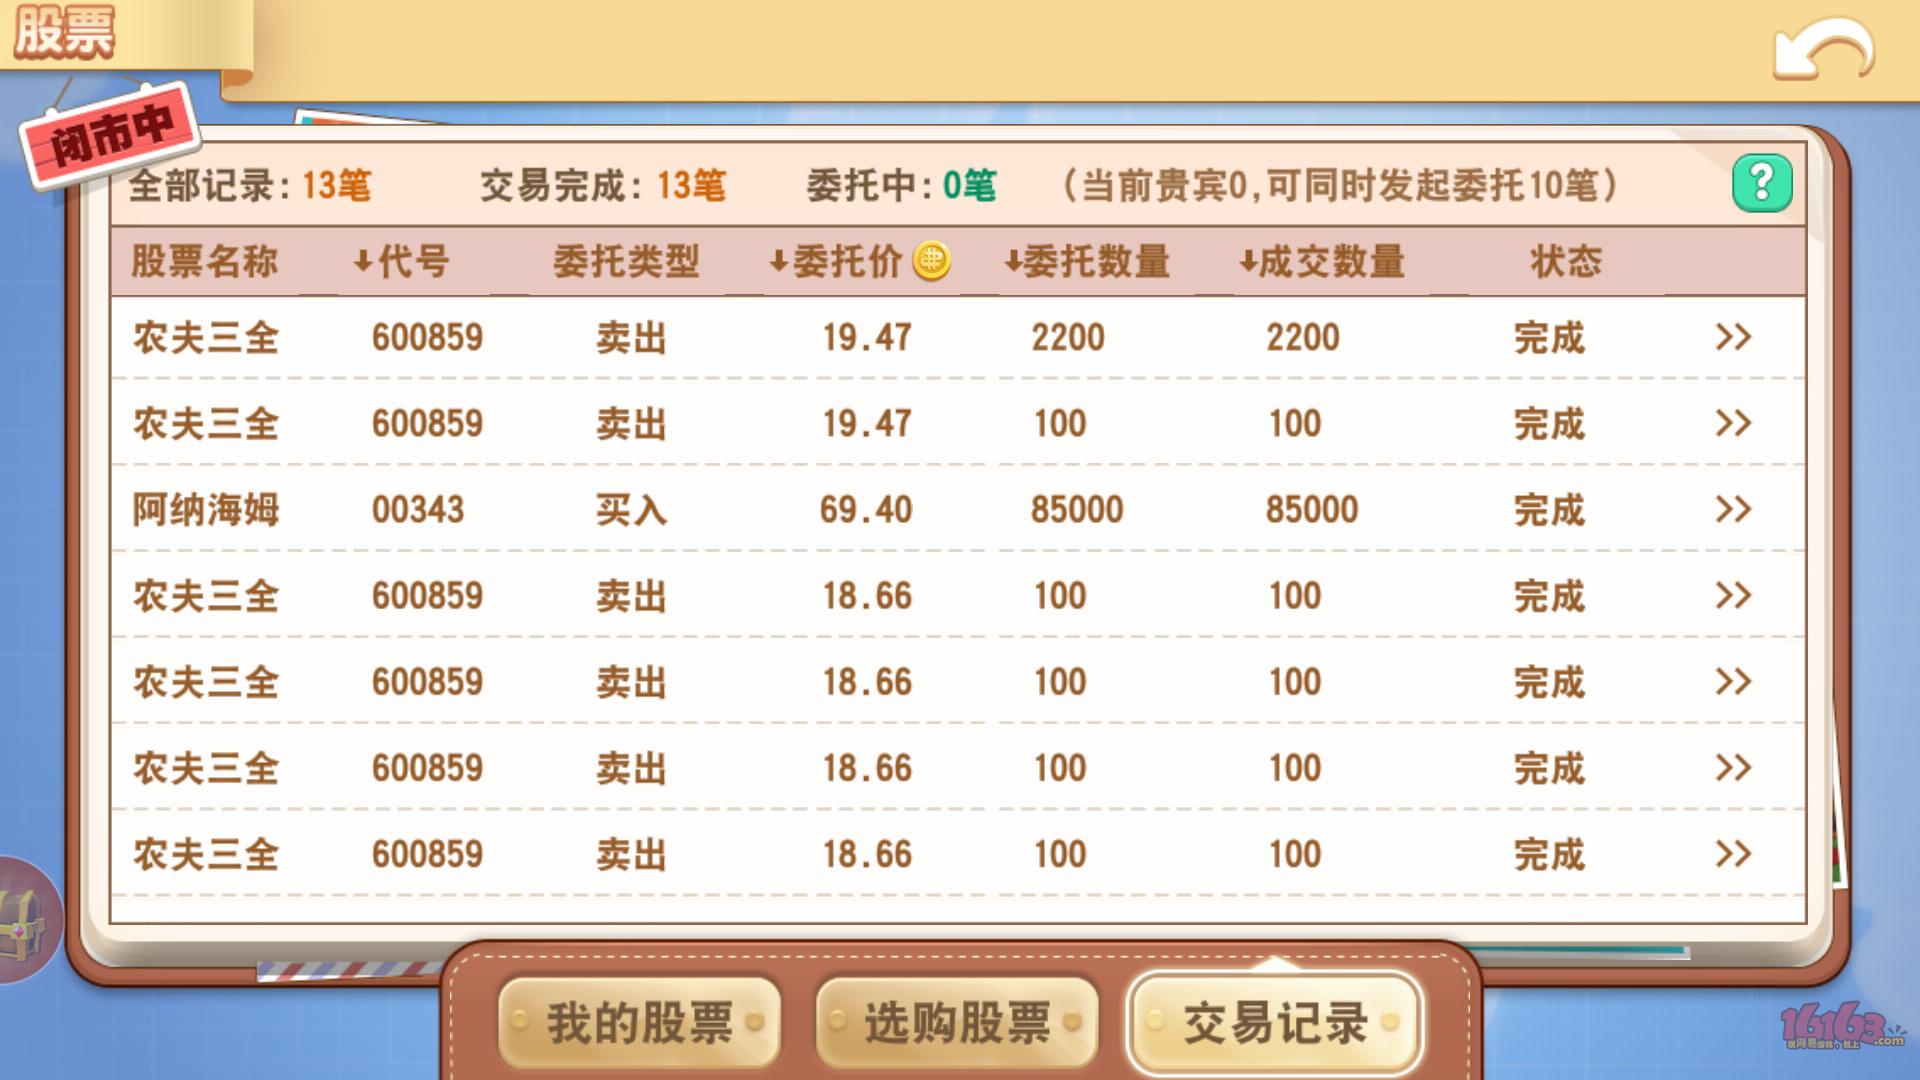 交易记录阿纳海姆八万多股没有卖出记录